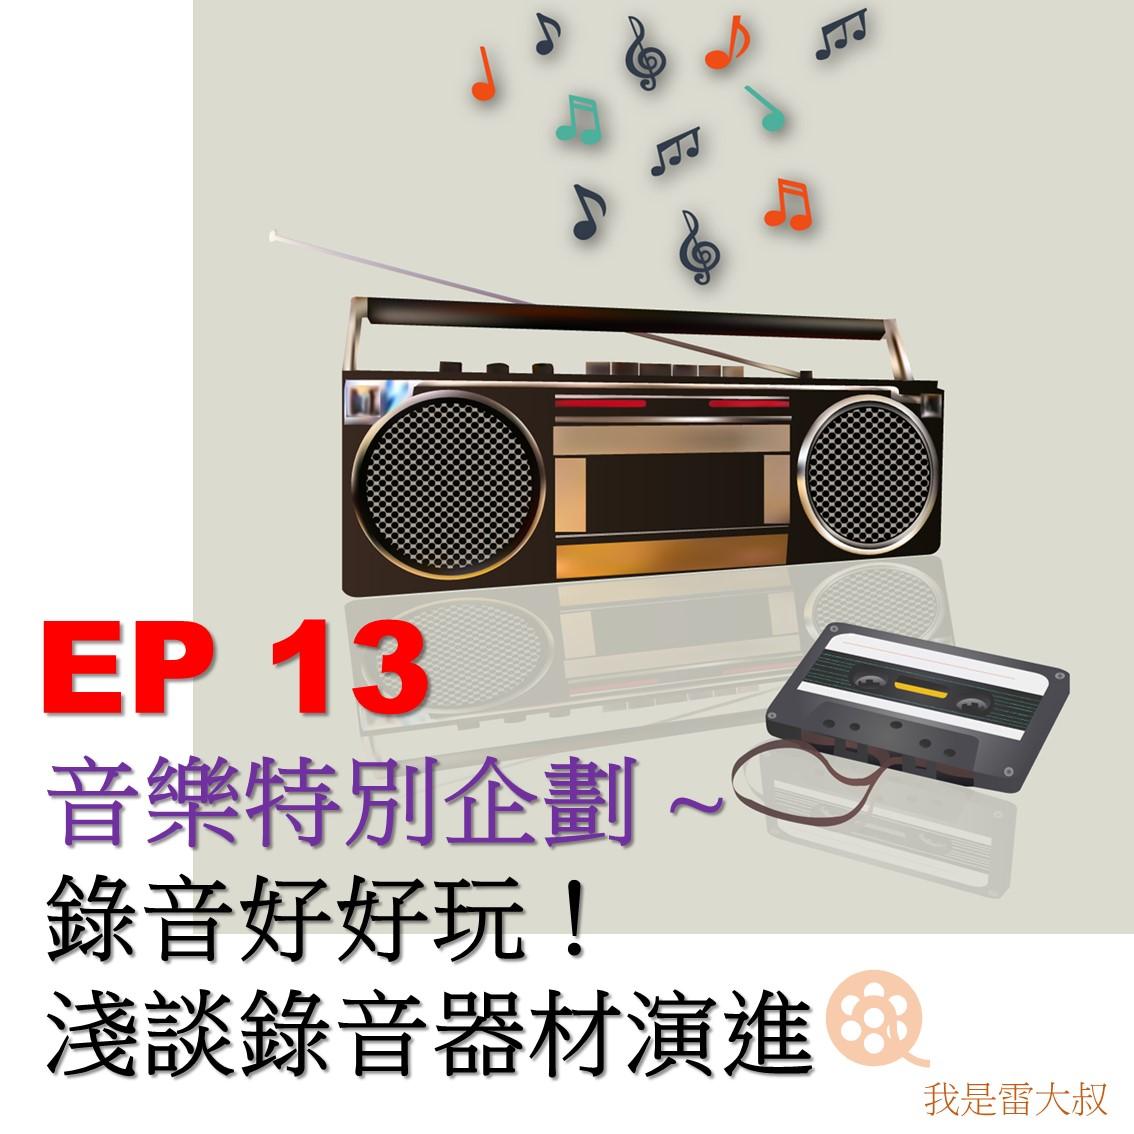 EP13 音樂特別企劃 - 錄音好好玩!淺談錄音器材演進